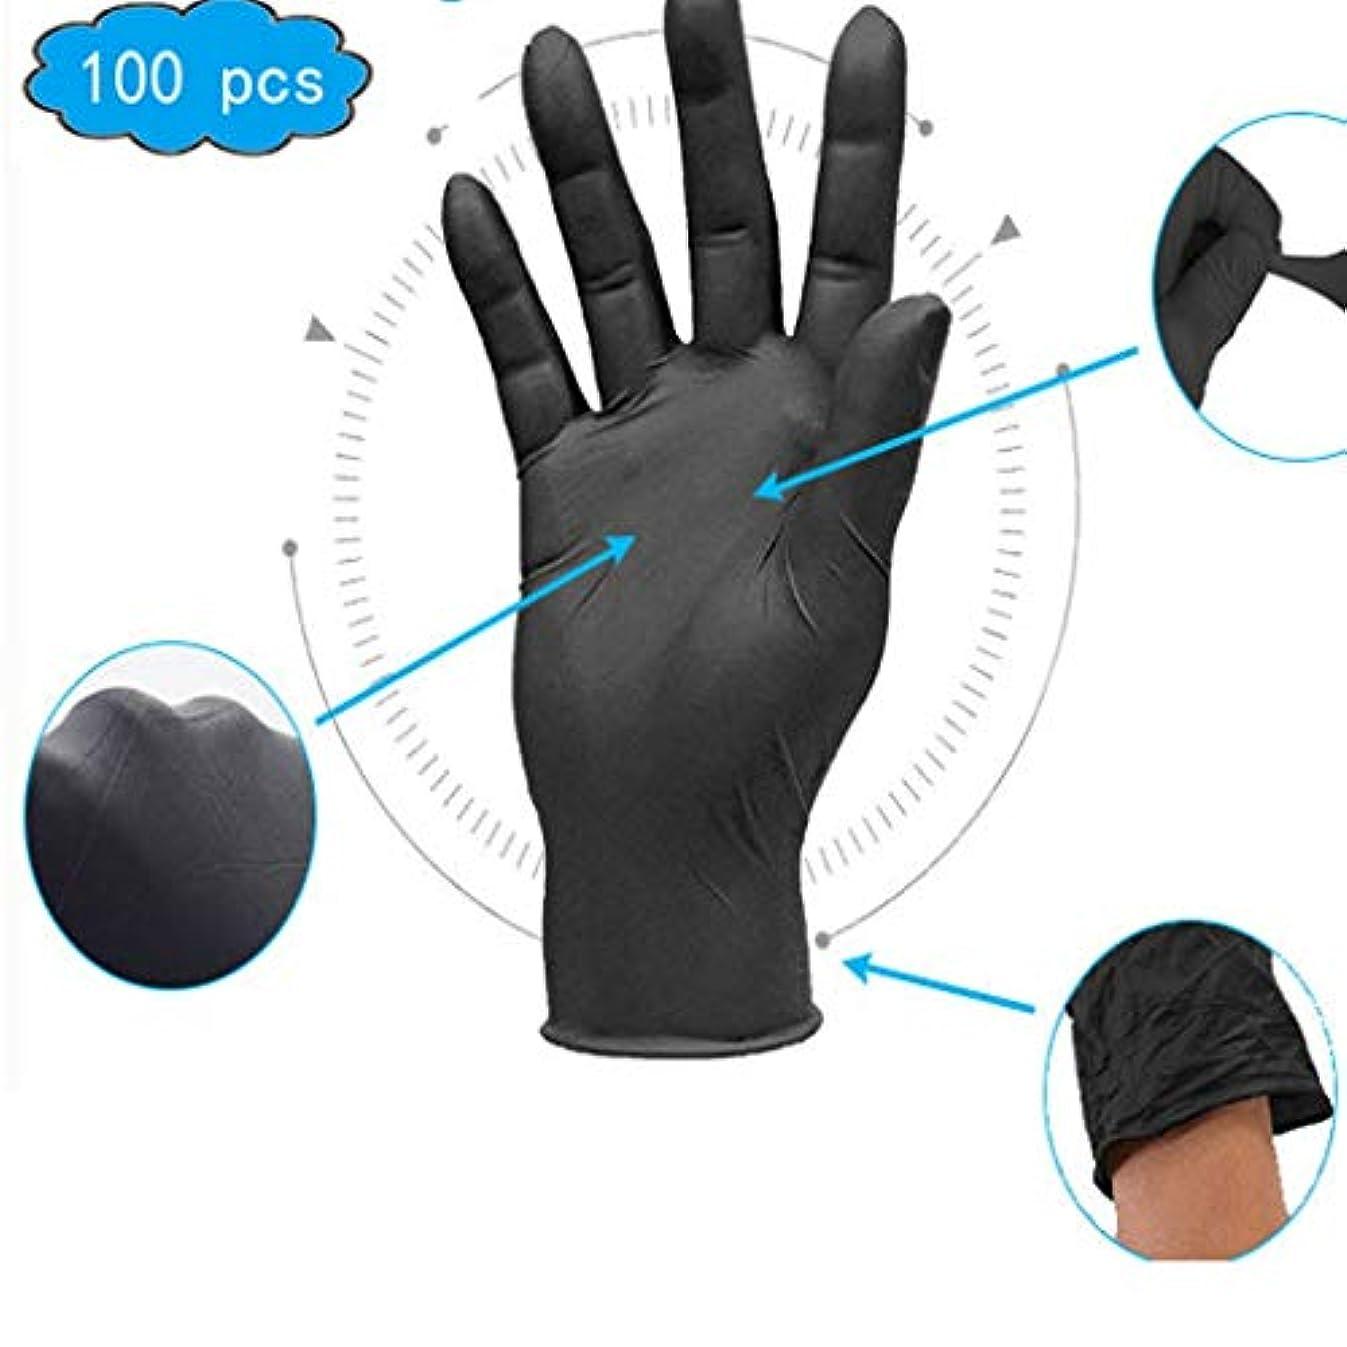 外交官手当くしゃみ使い捨て手袋 - 健康における、パウダーフリー、ラテックスフリー、大型の100箱、サニタリーグローブ、家庭用ベビーケア用品、研究室および科学製品 (Color : Black, Size : XL)